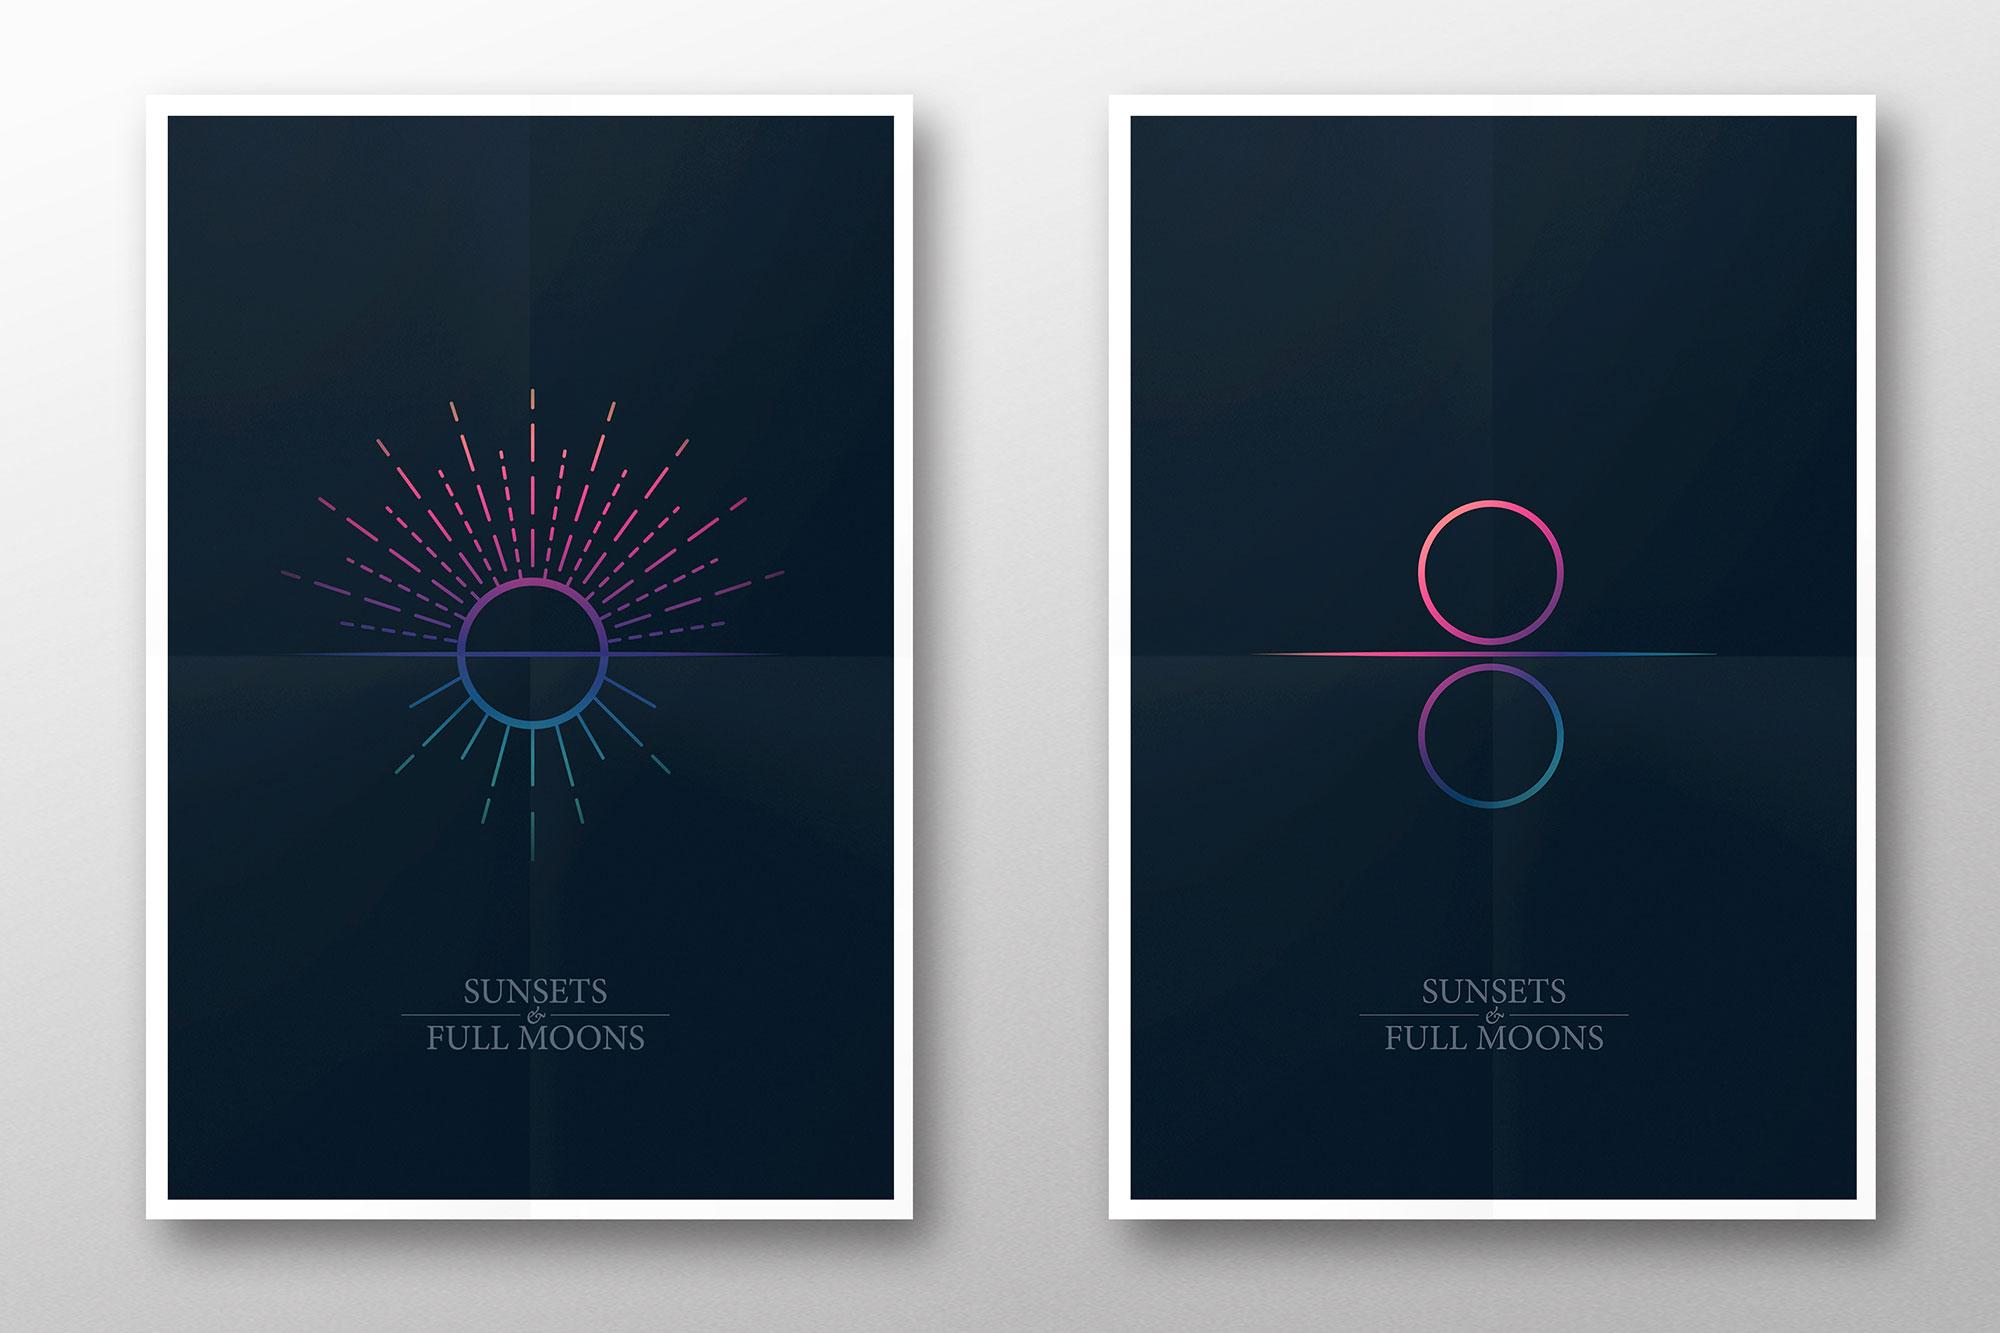 Music Poster Design London Dublin 0